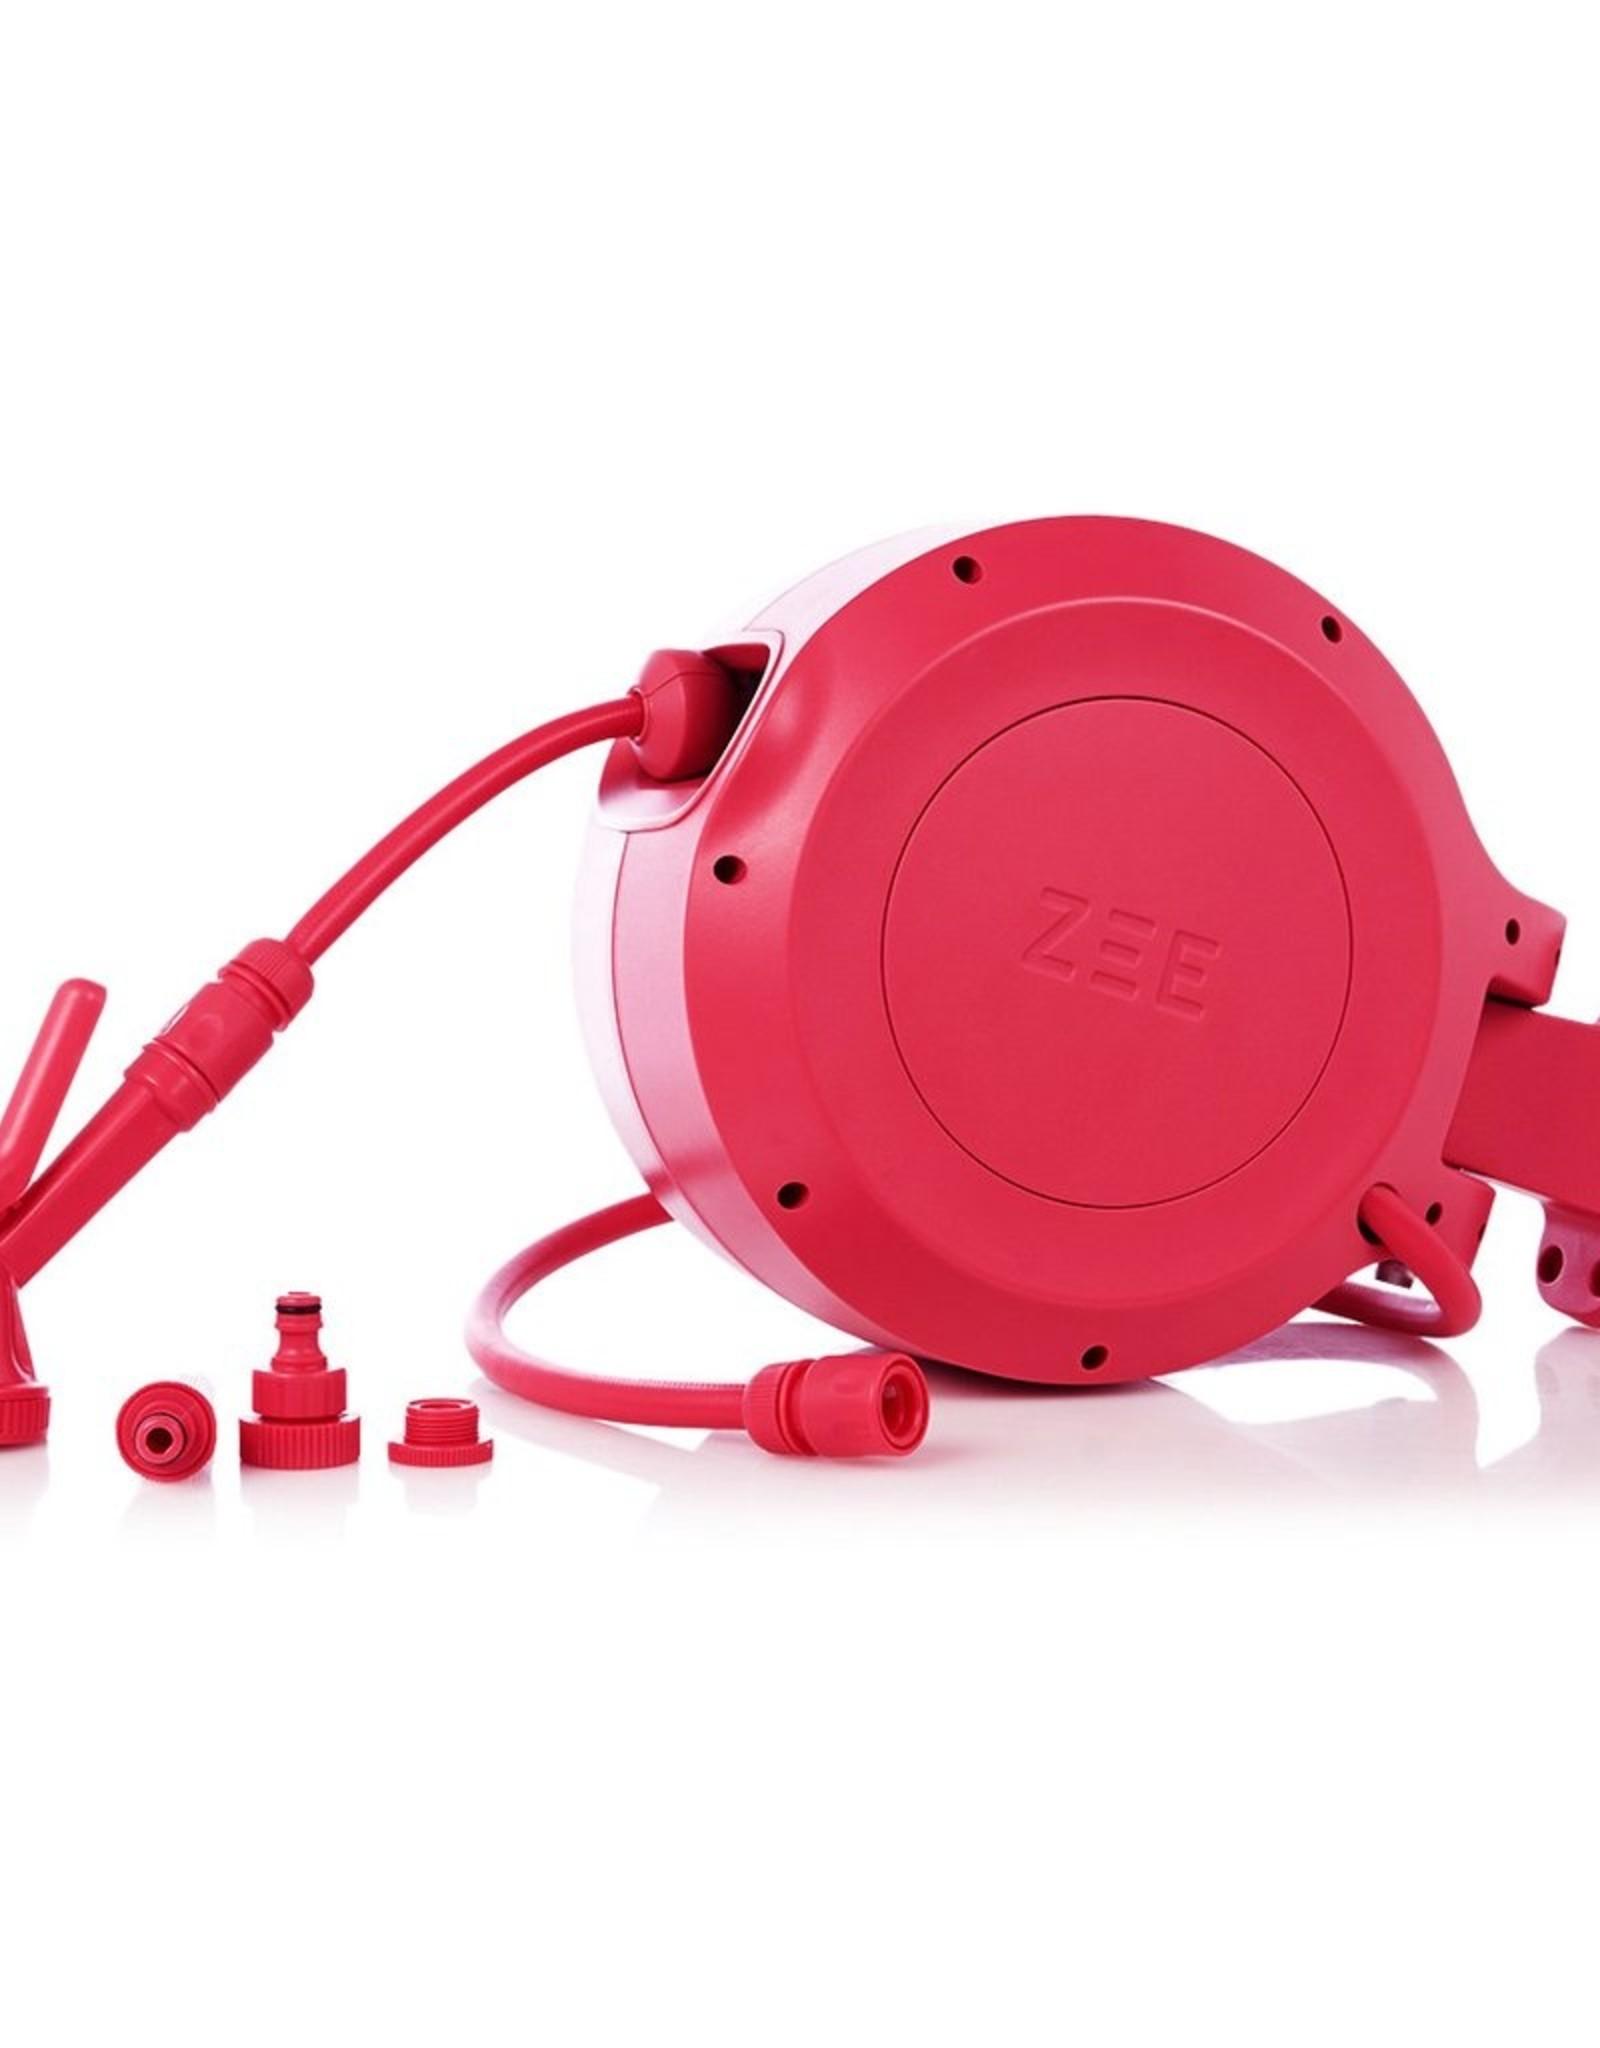 Zee Zee Mirtoon 10 Tuinslang Roze met Automatisch Oprolsysteem